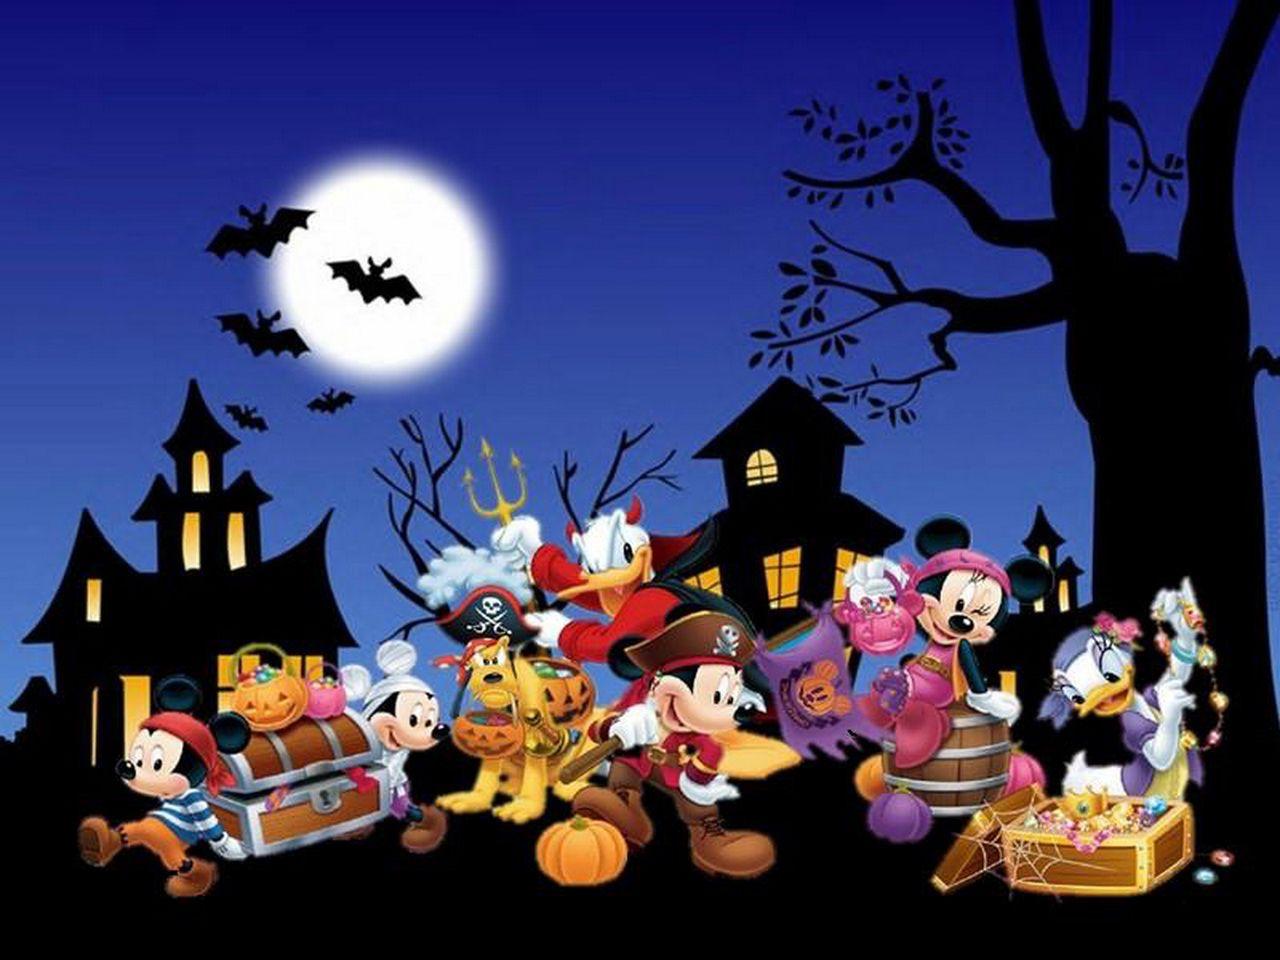 Disney Halloween Desktop Wallpapers On Wallpaperdog